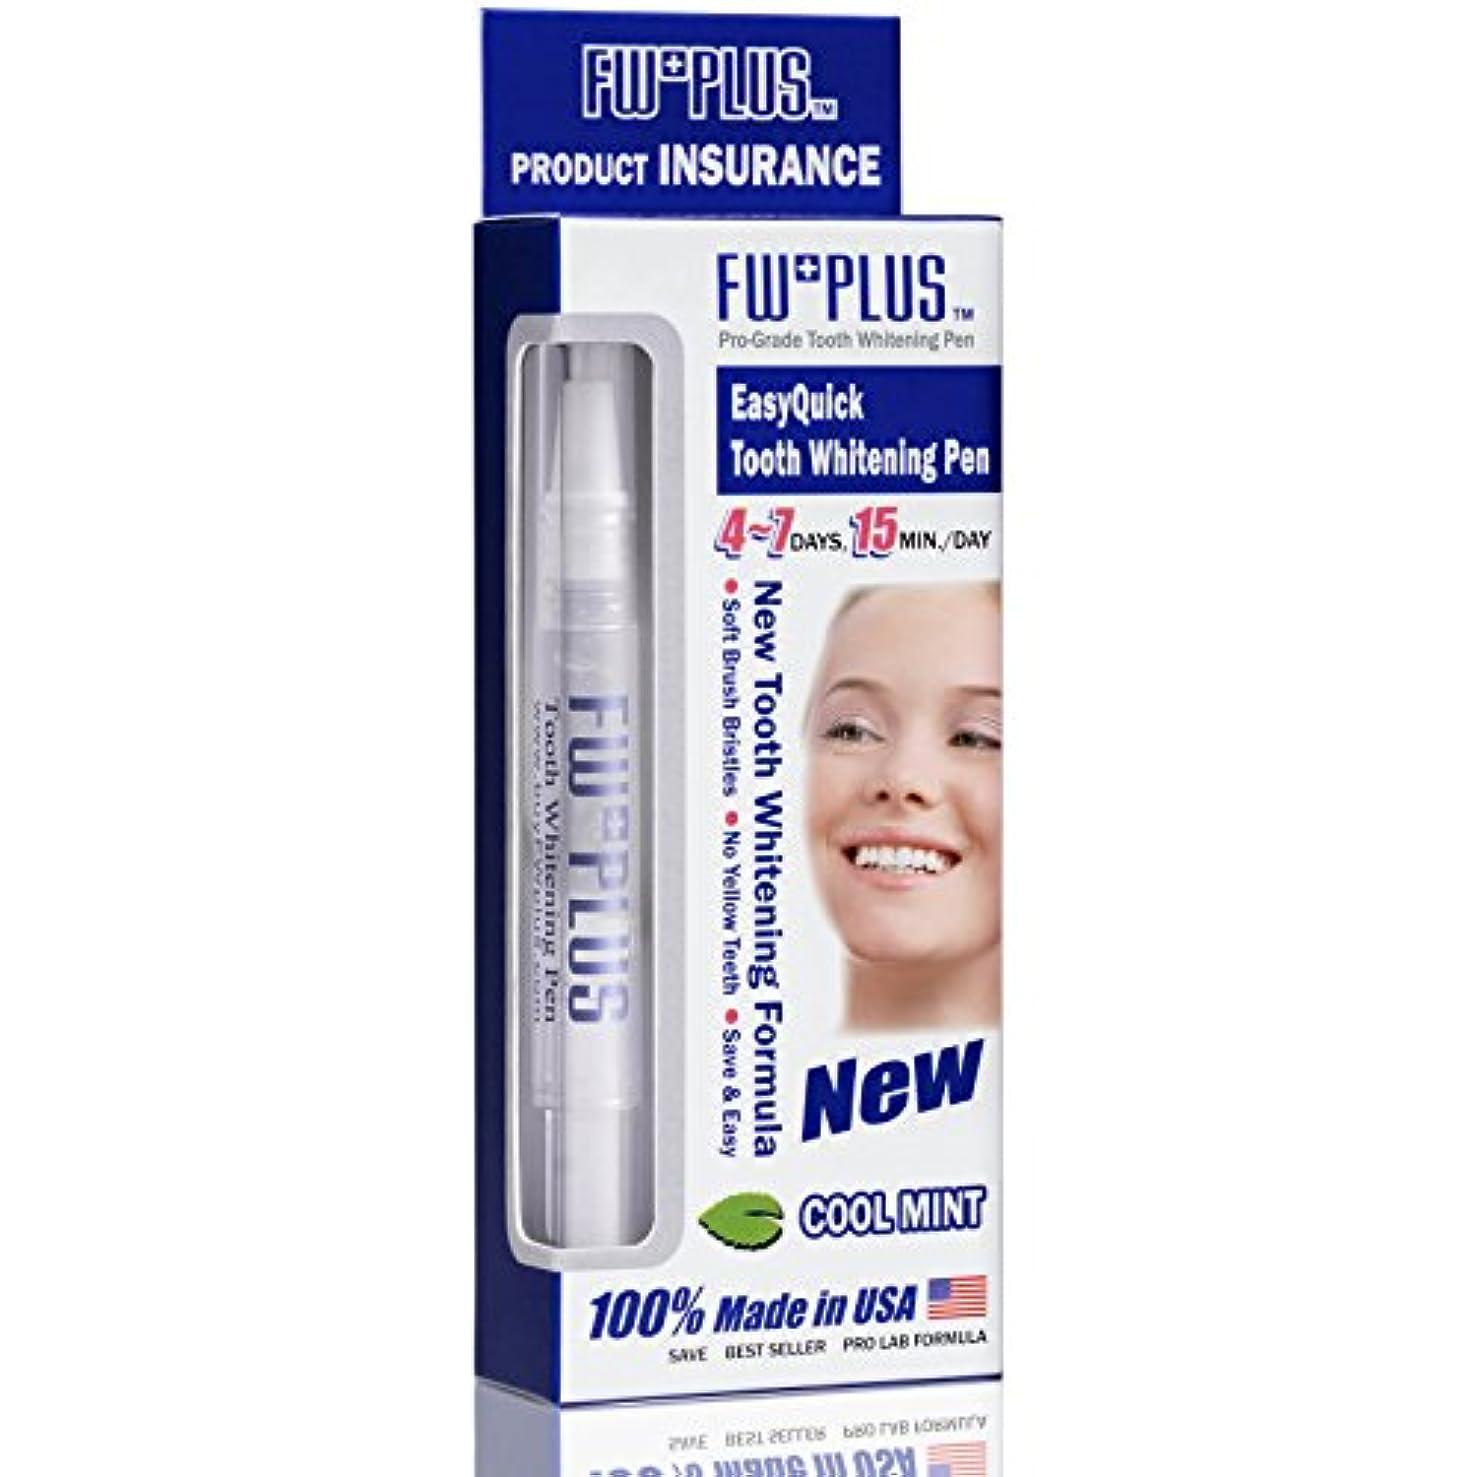 父方の劣る予報FW+PLUS菲斯華 歯を白くする 簡単即効ホーム歯ホワイトニングペン 歯ホワイトニング 人気 歯ホワイトニング ジェル